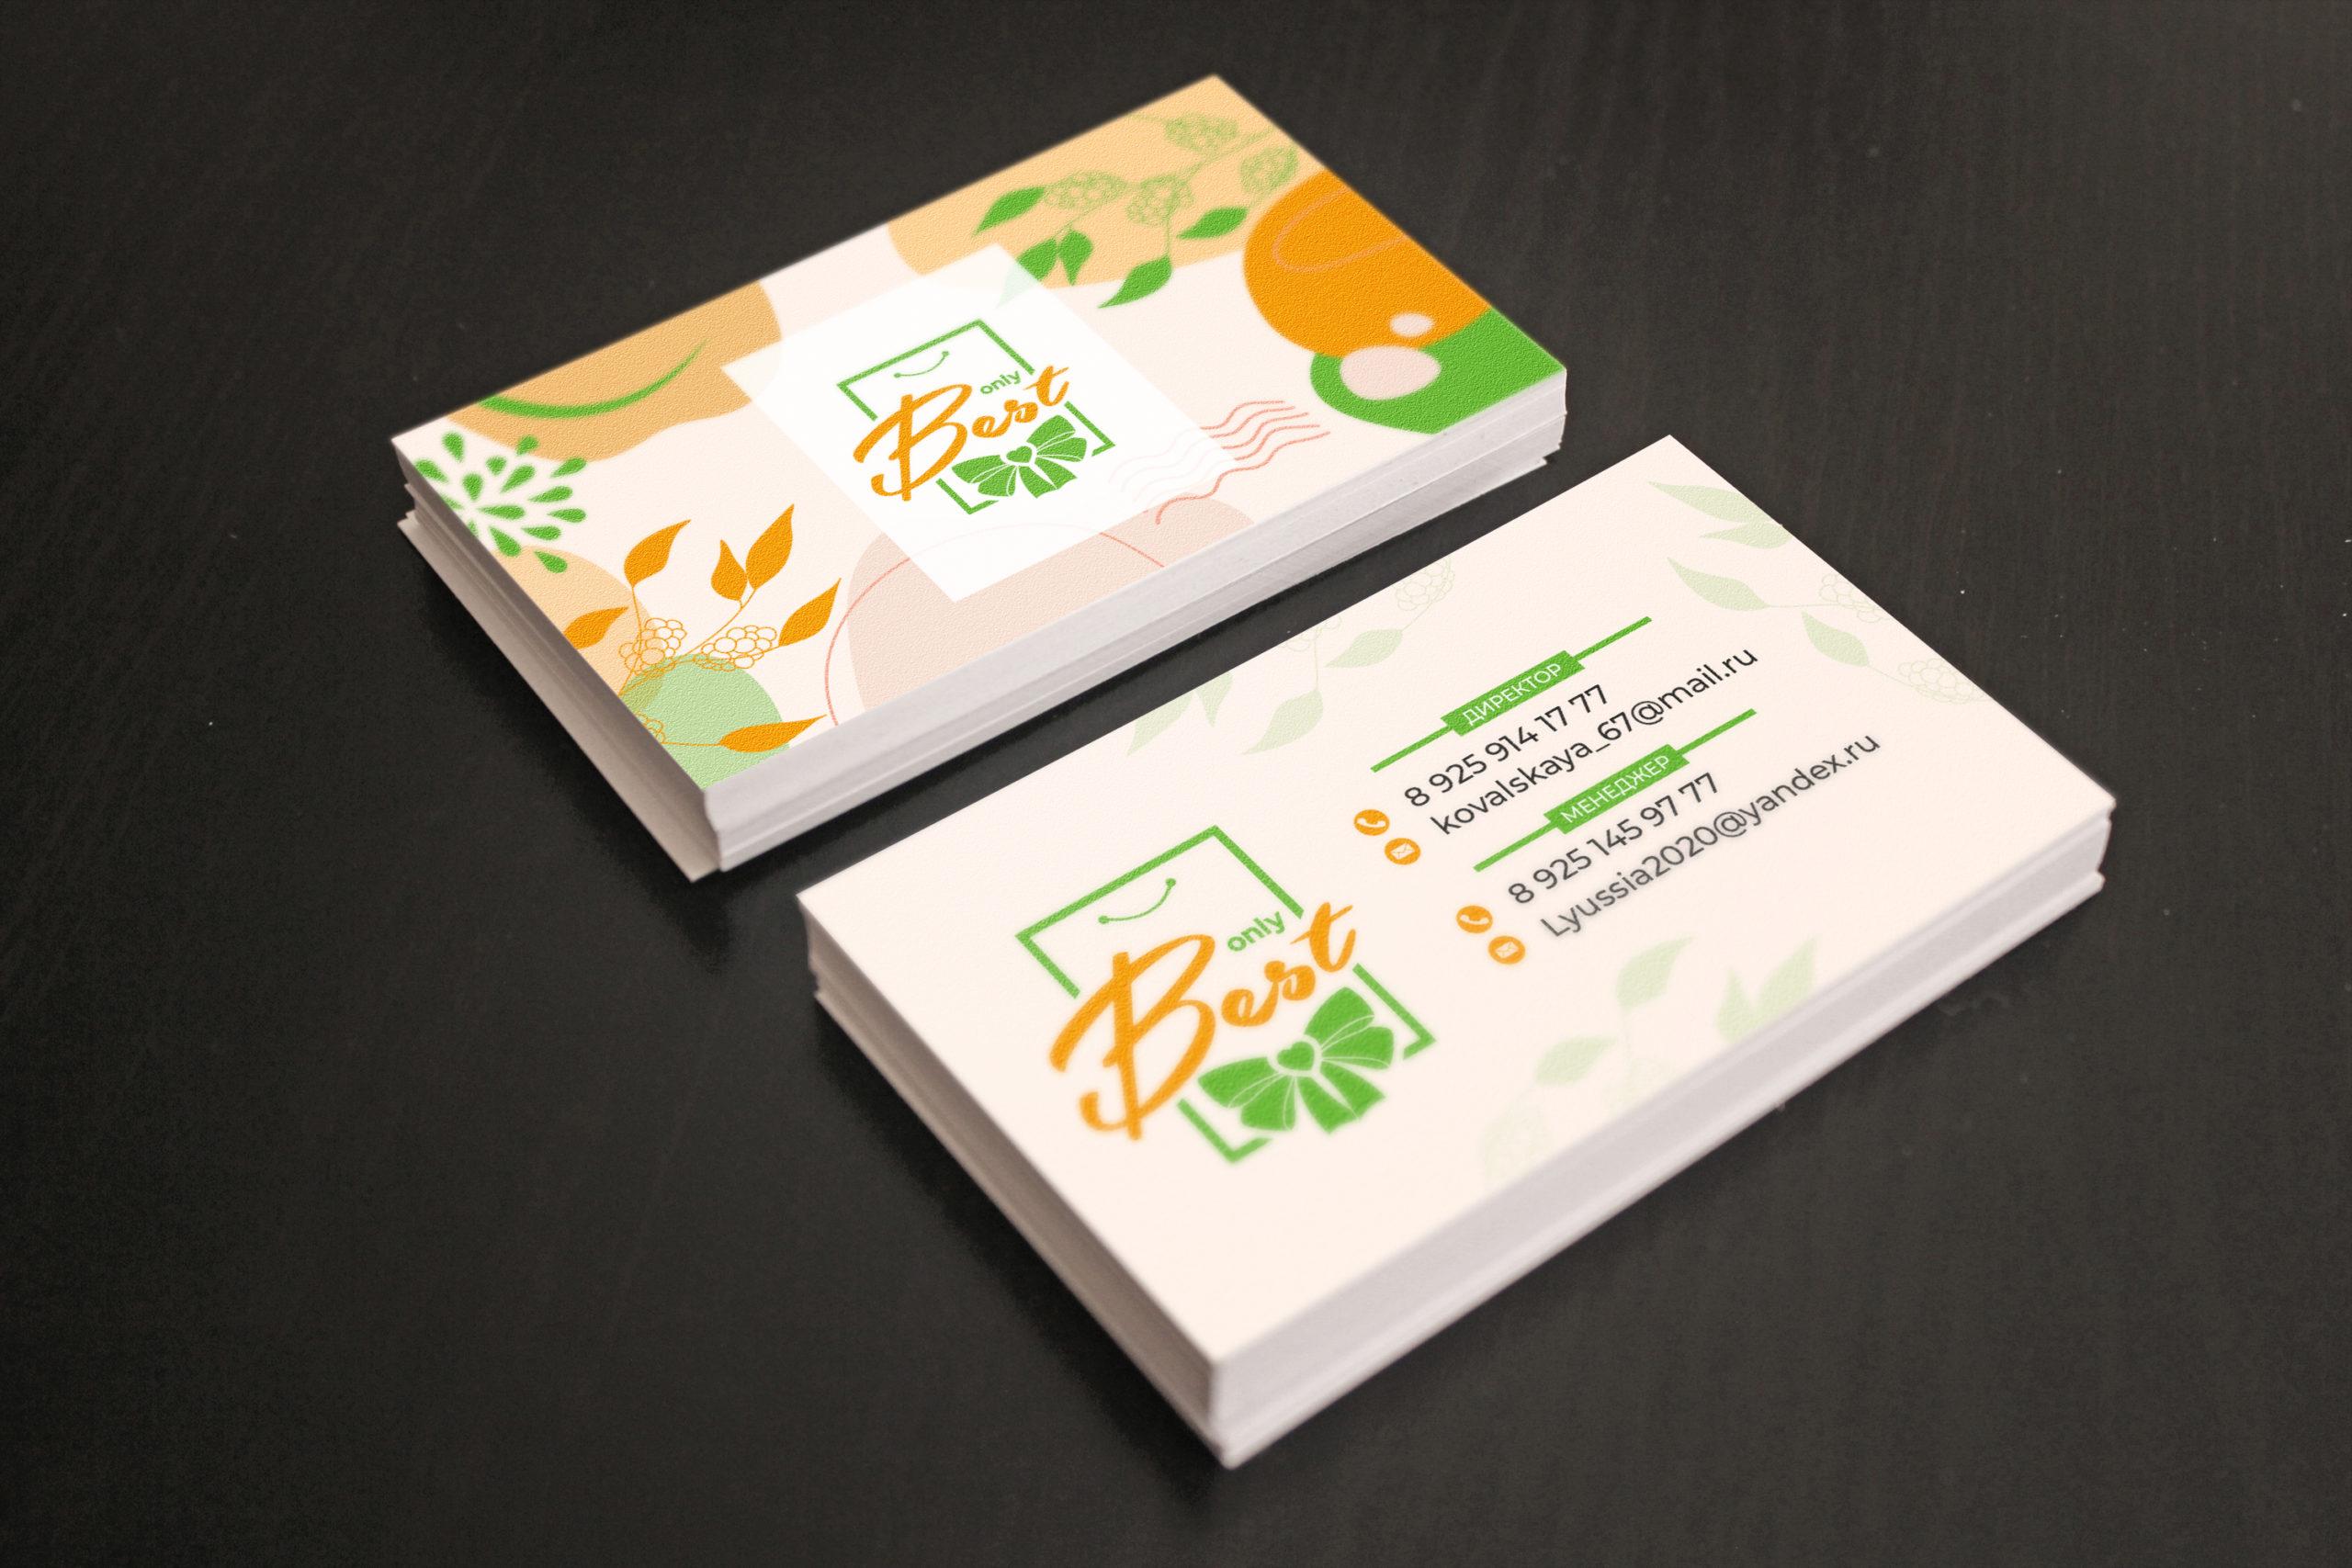 визитки упаковочной компании